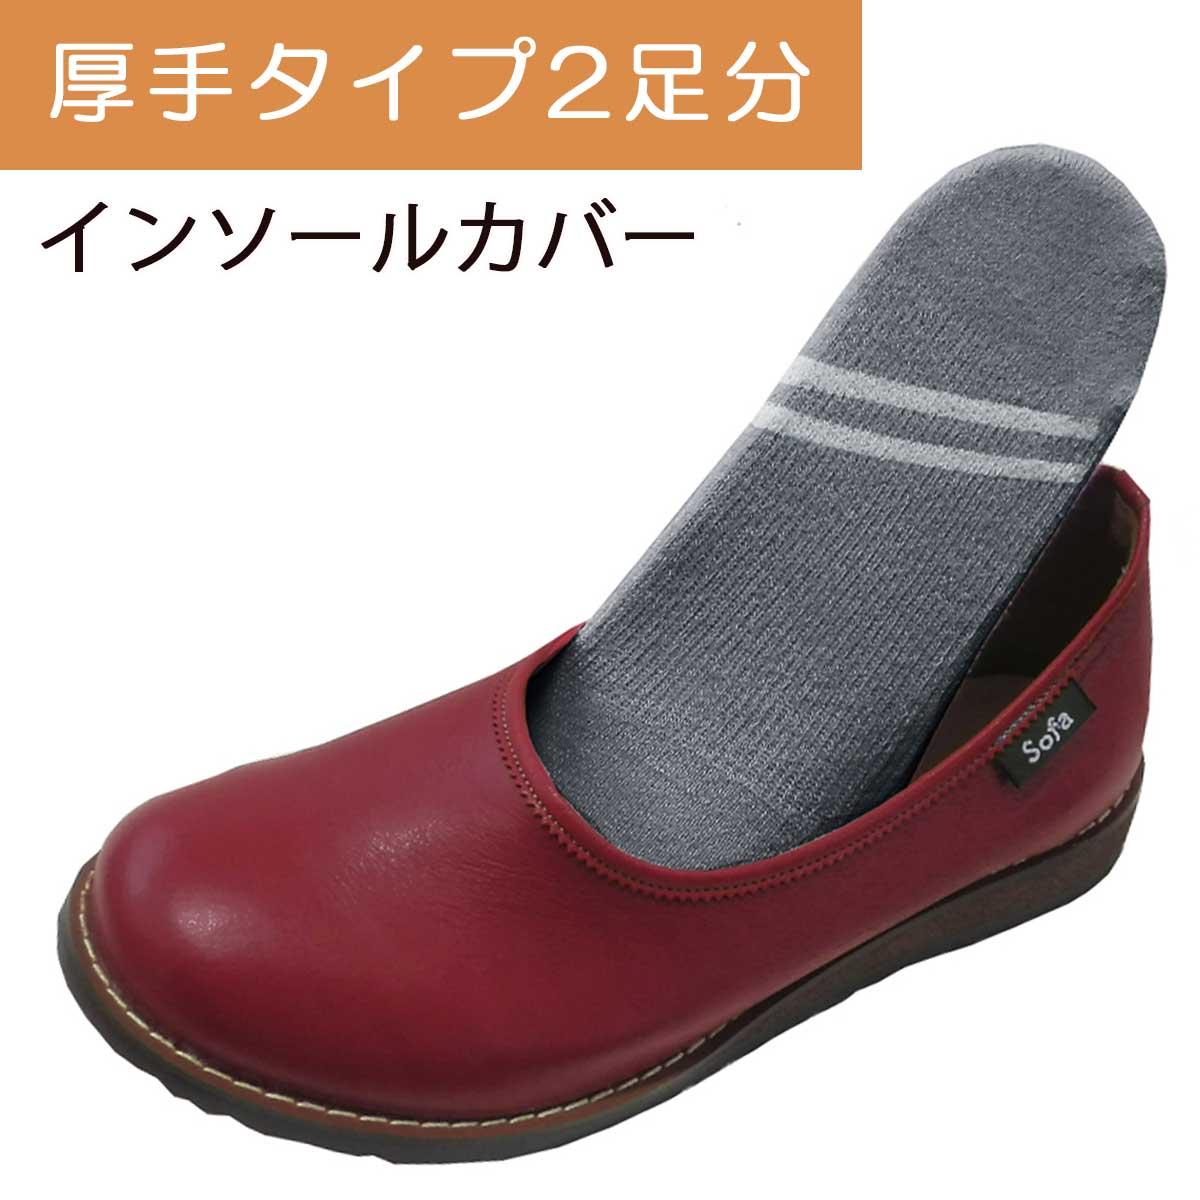 パイルインソールカバー 厚手 2足分 sofaシリーズ専用 サイズ調節 素足で履ける ネコポス可能 即日出荷 CSF 底冷え防止 買物 IINC2J 蒸れ防止